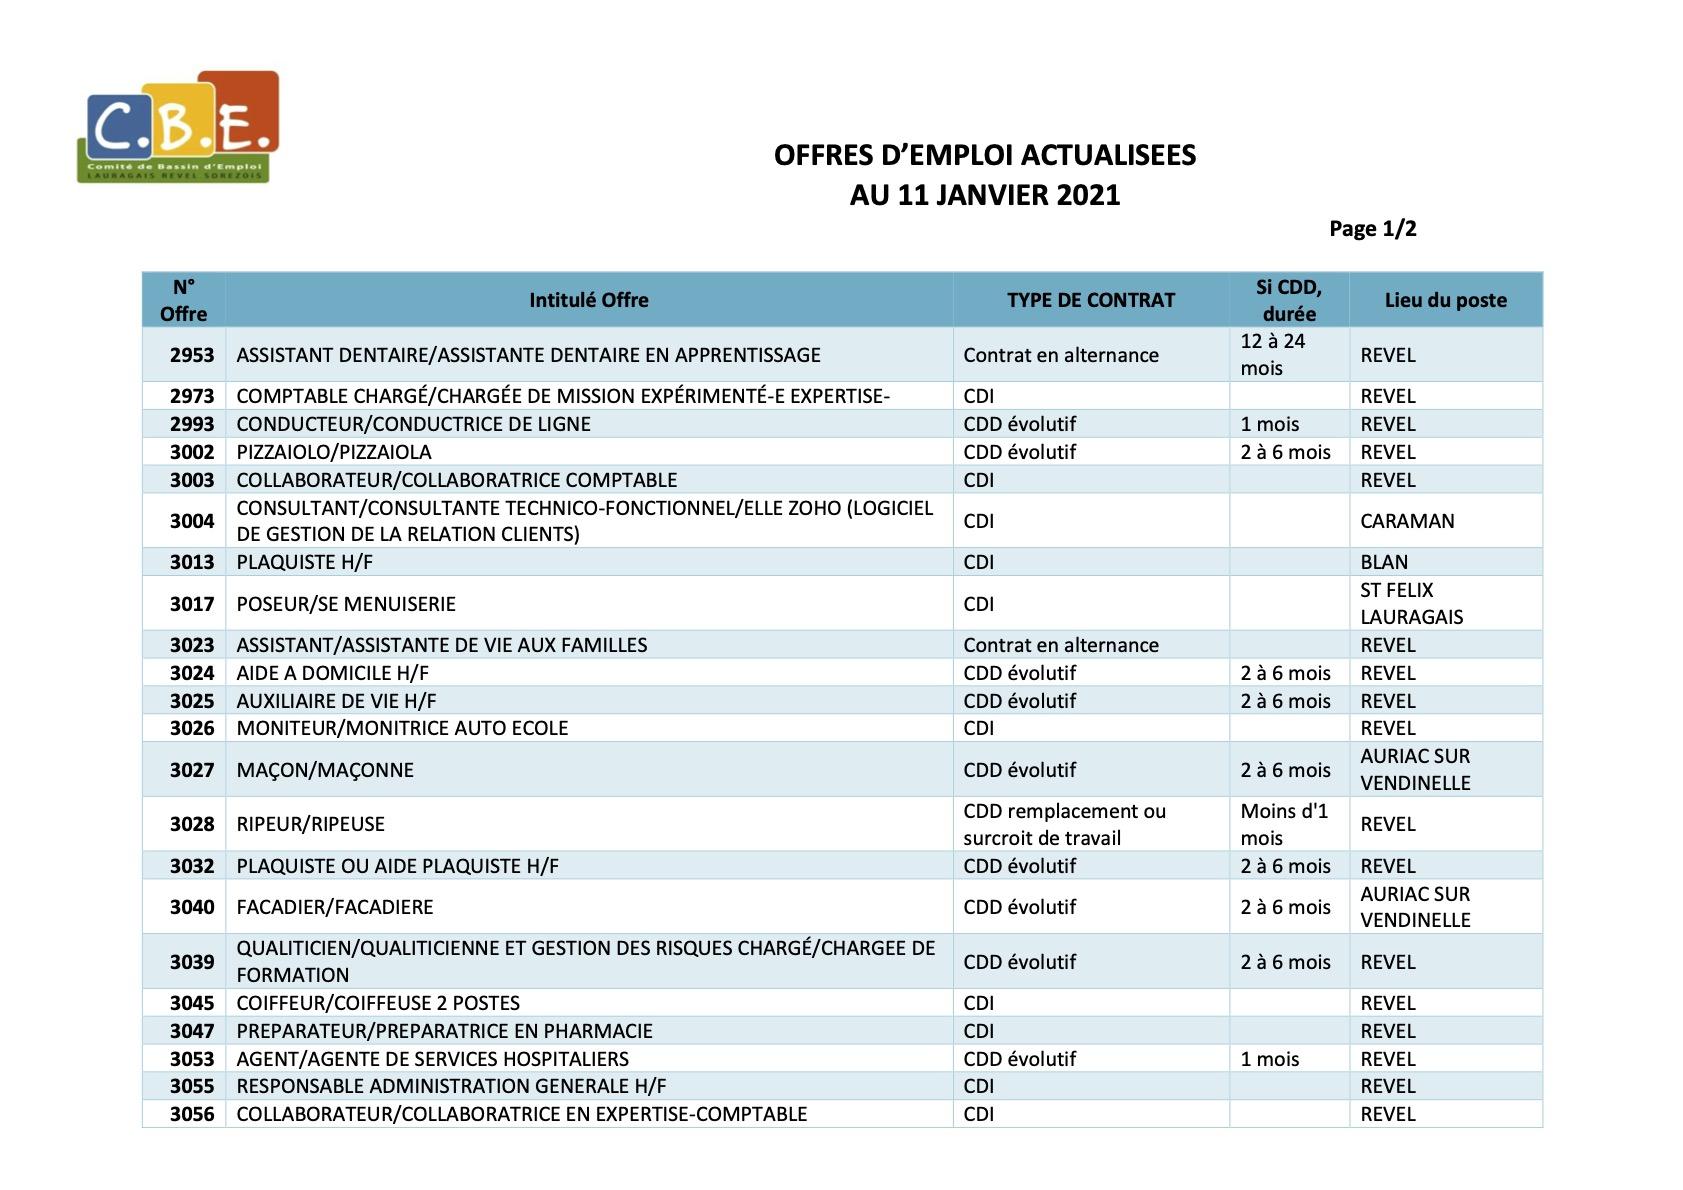 CBELRS Tableau Hebdomadaire des offres d'emploi 11 JANVIER